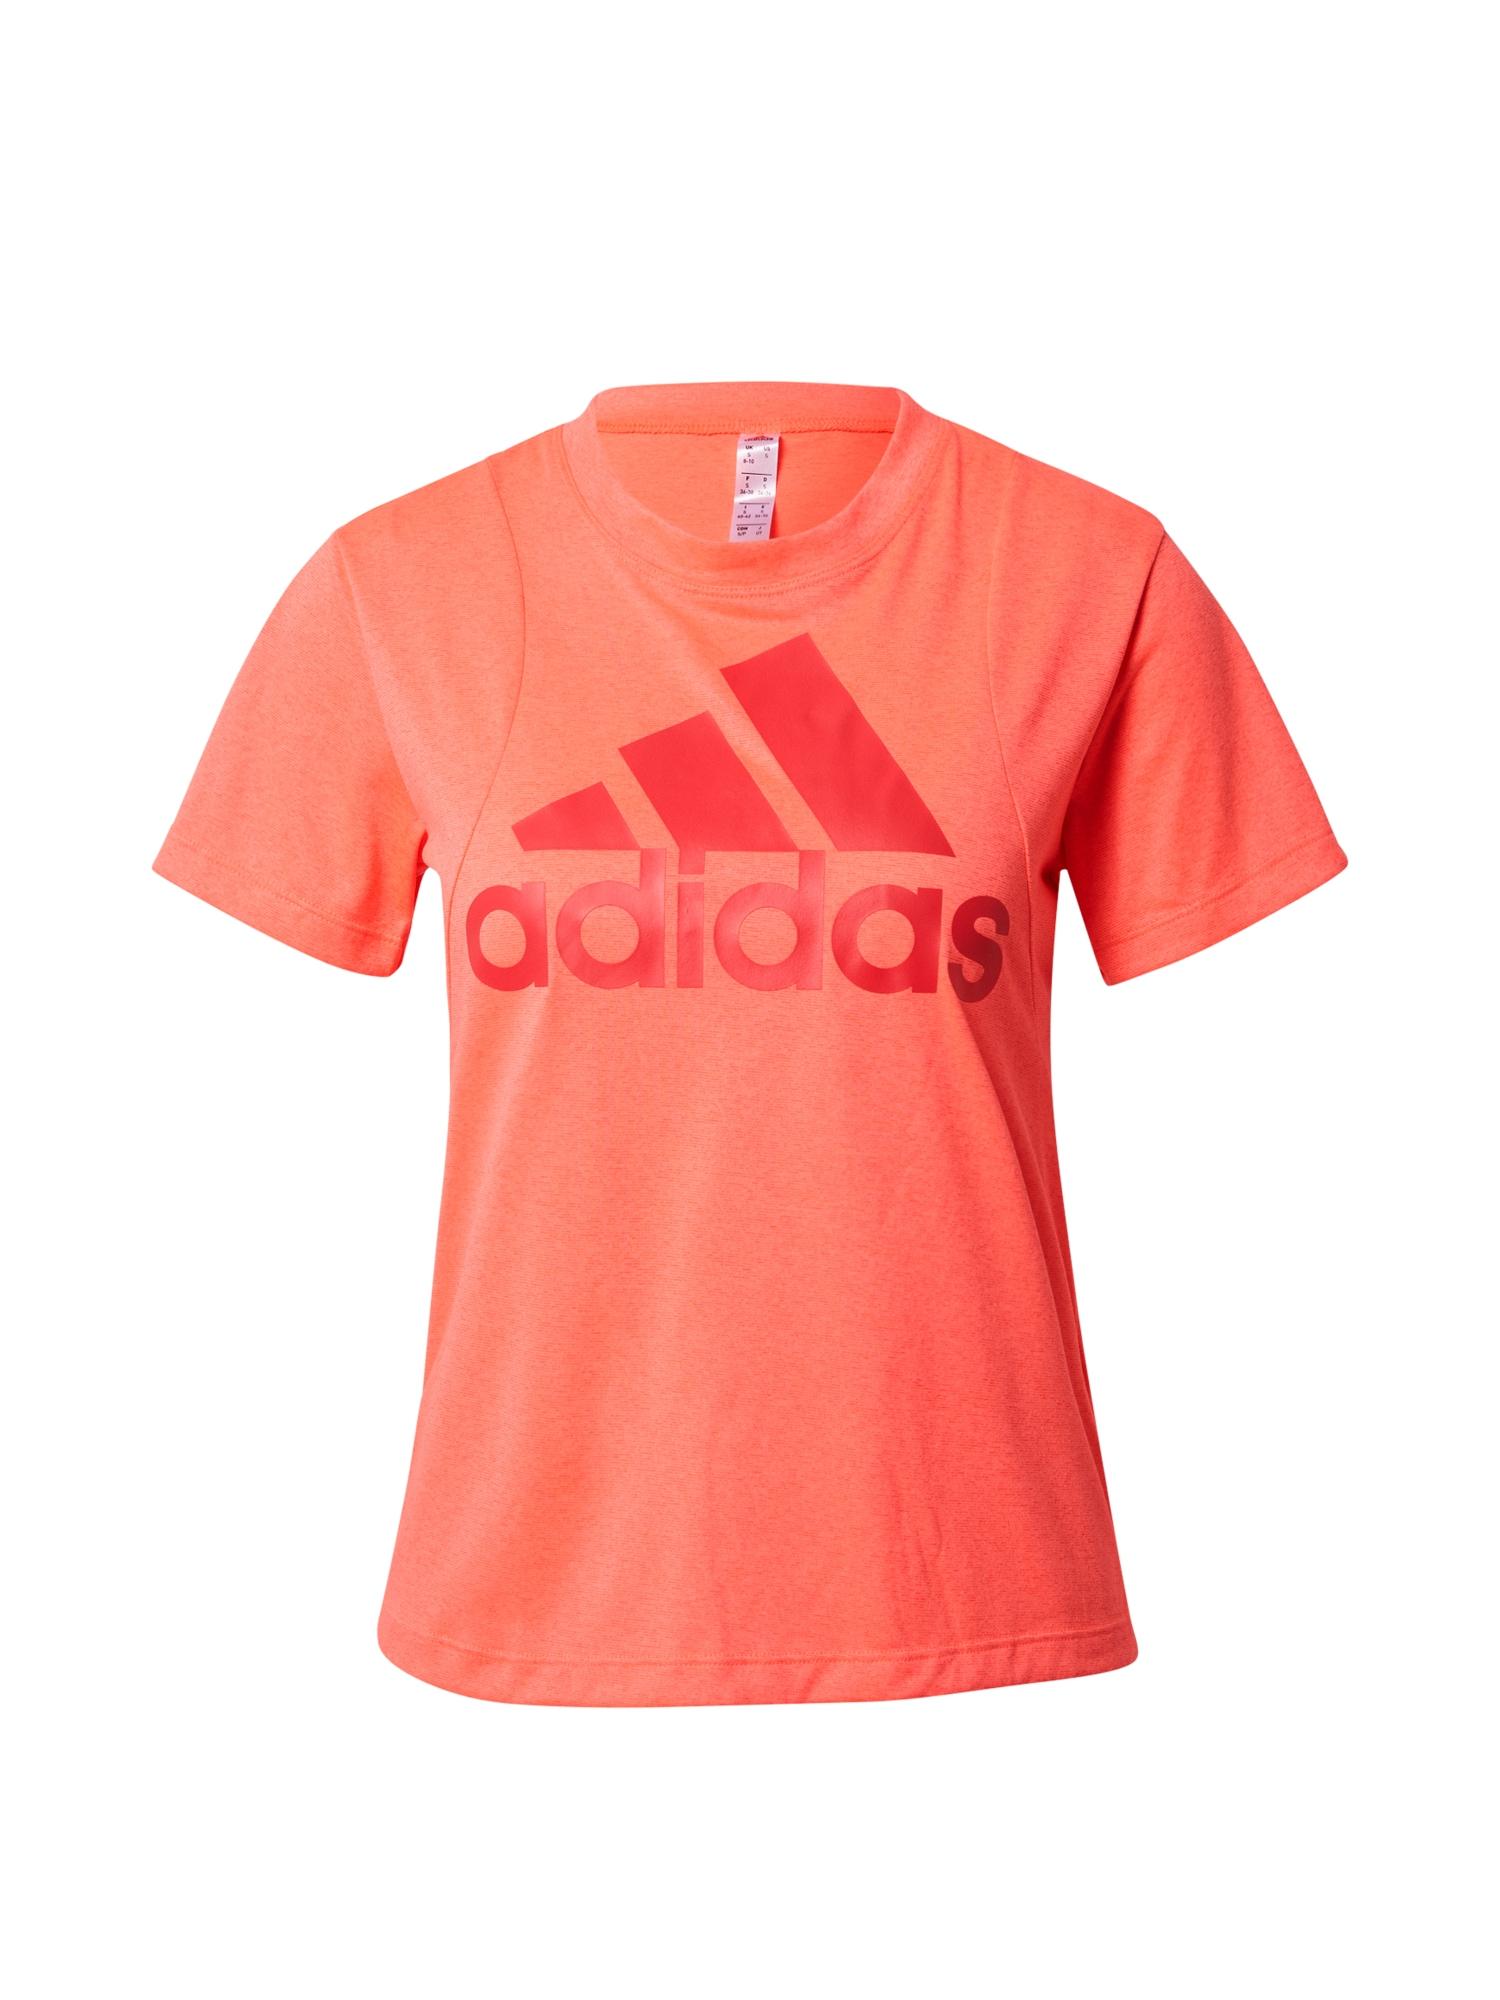 ADIDAS PERFORMANCE Sportiniai marškinėliai oranžinė